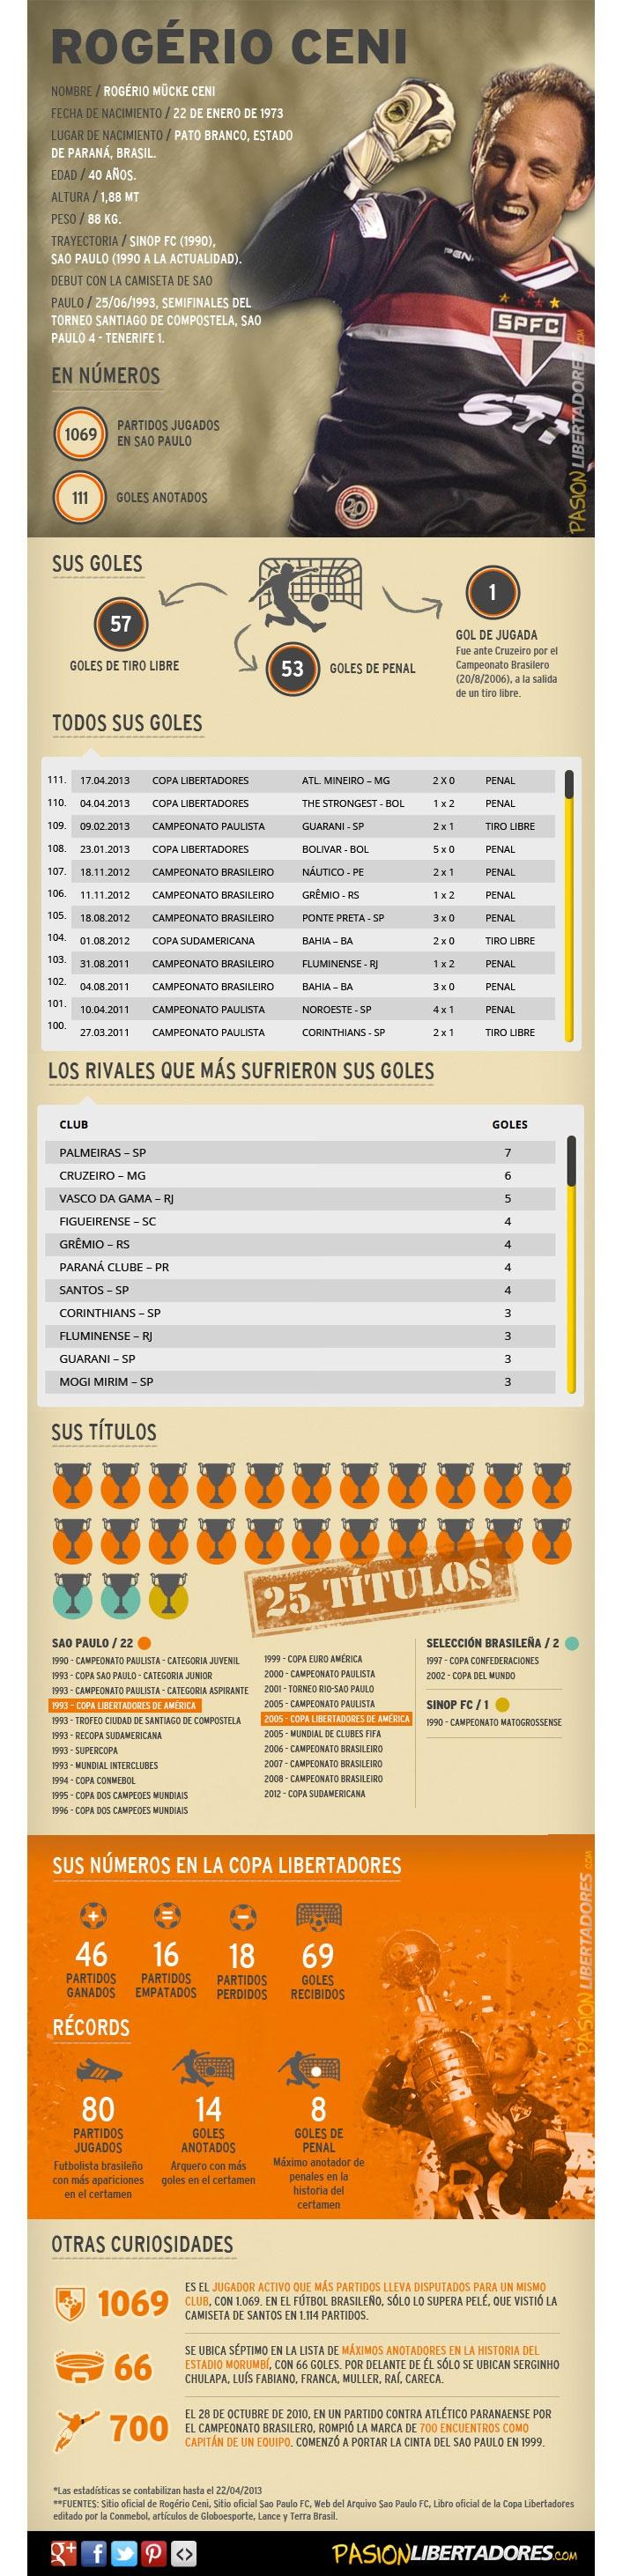 Todos los números de Rogerio Ceni, una leyenda de La Copa Libertadores Imagem: Pasión Libertadores